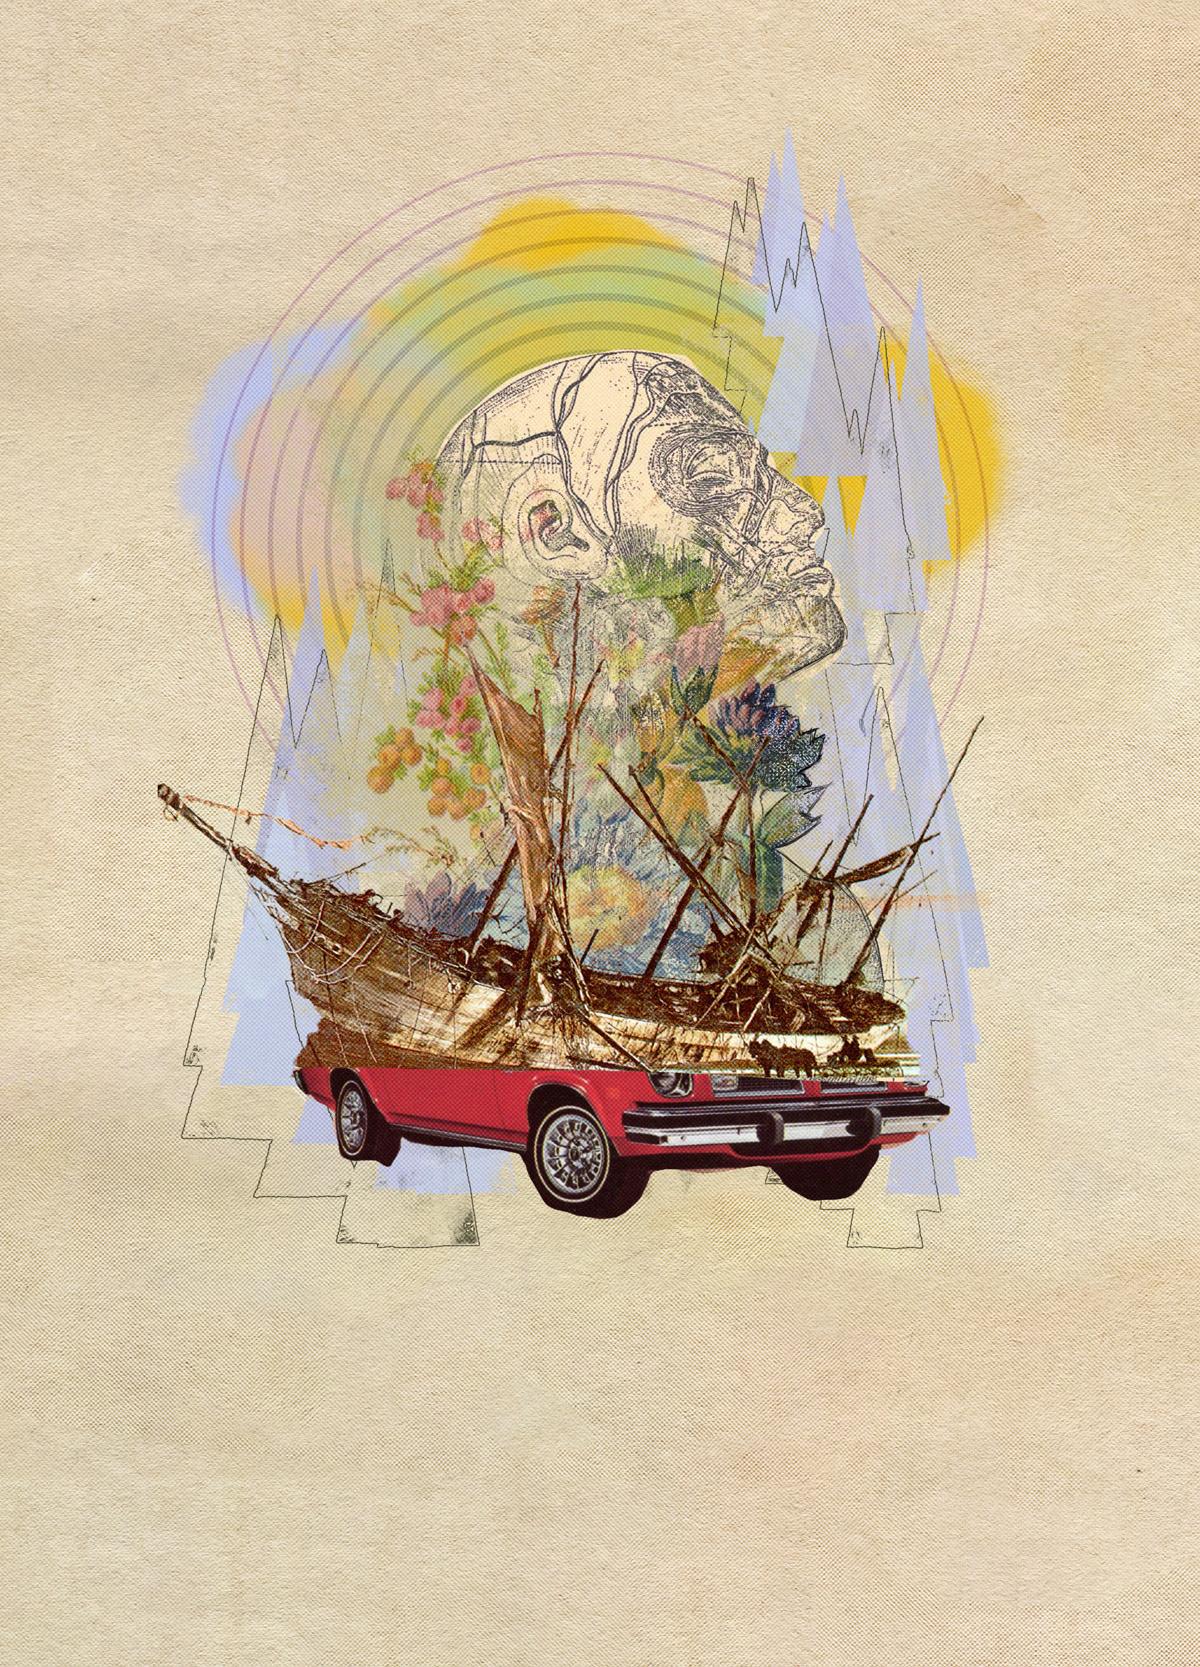 Image may contain: ship, art and boat